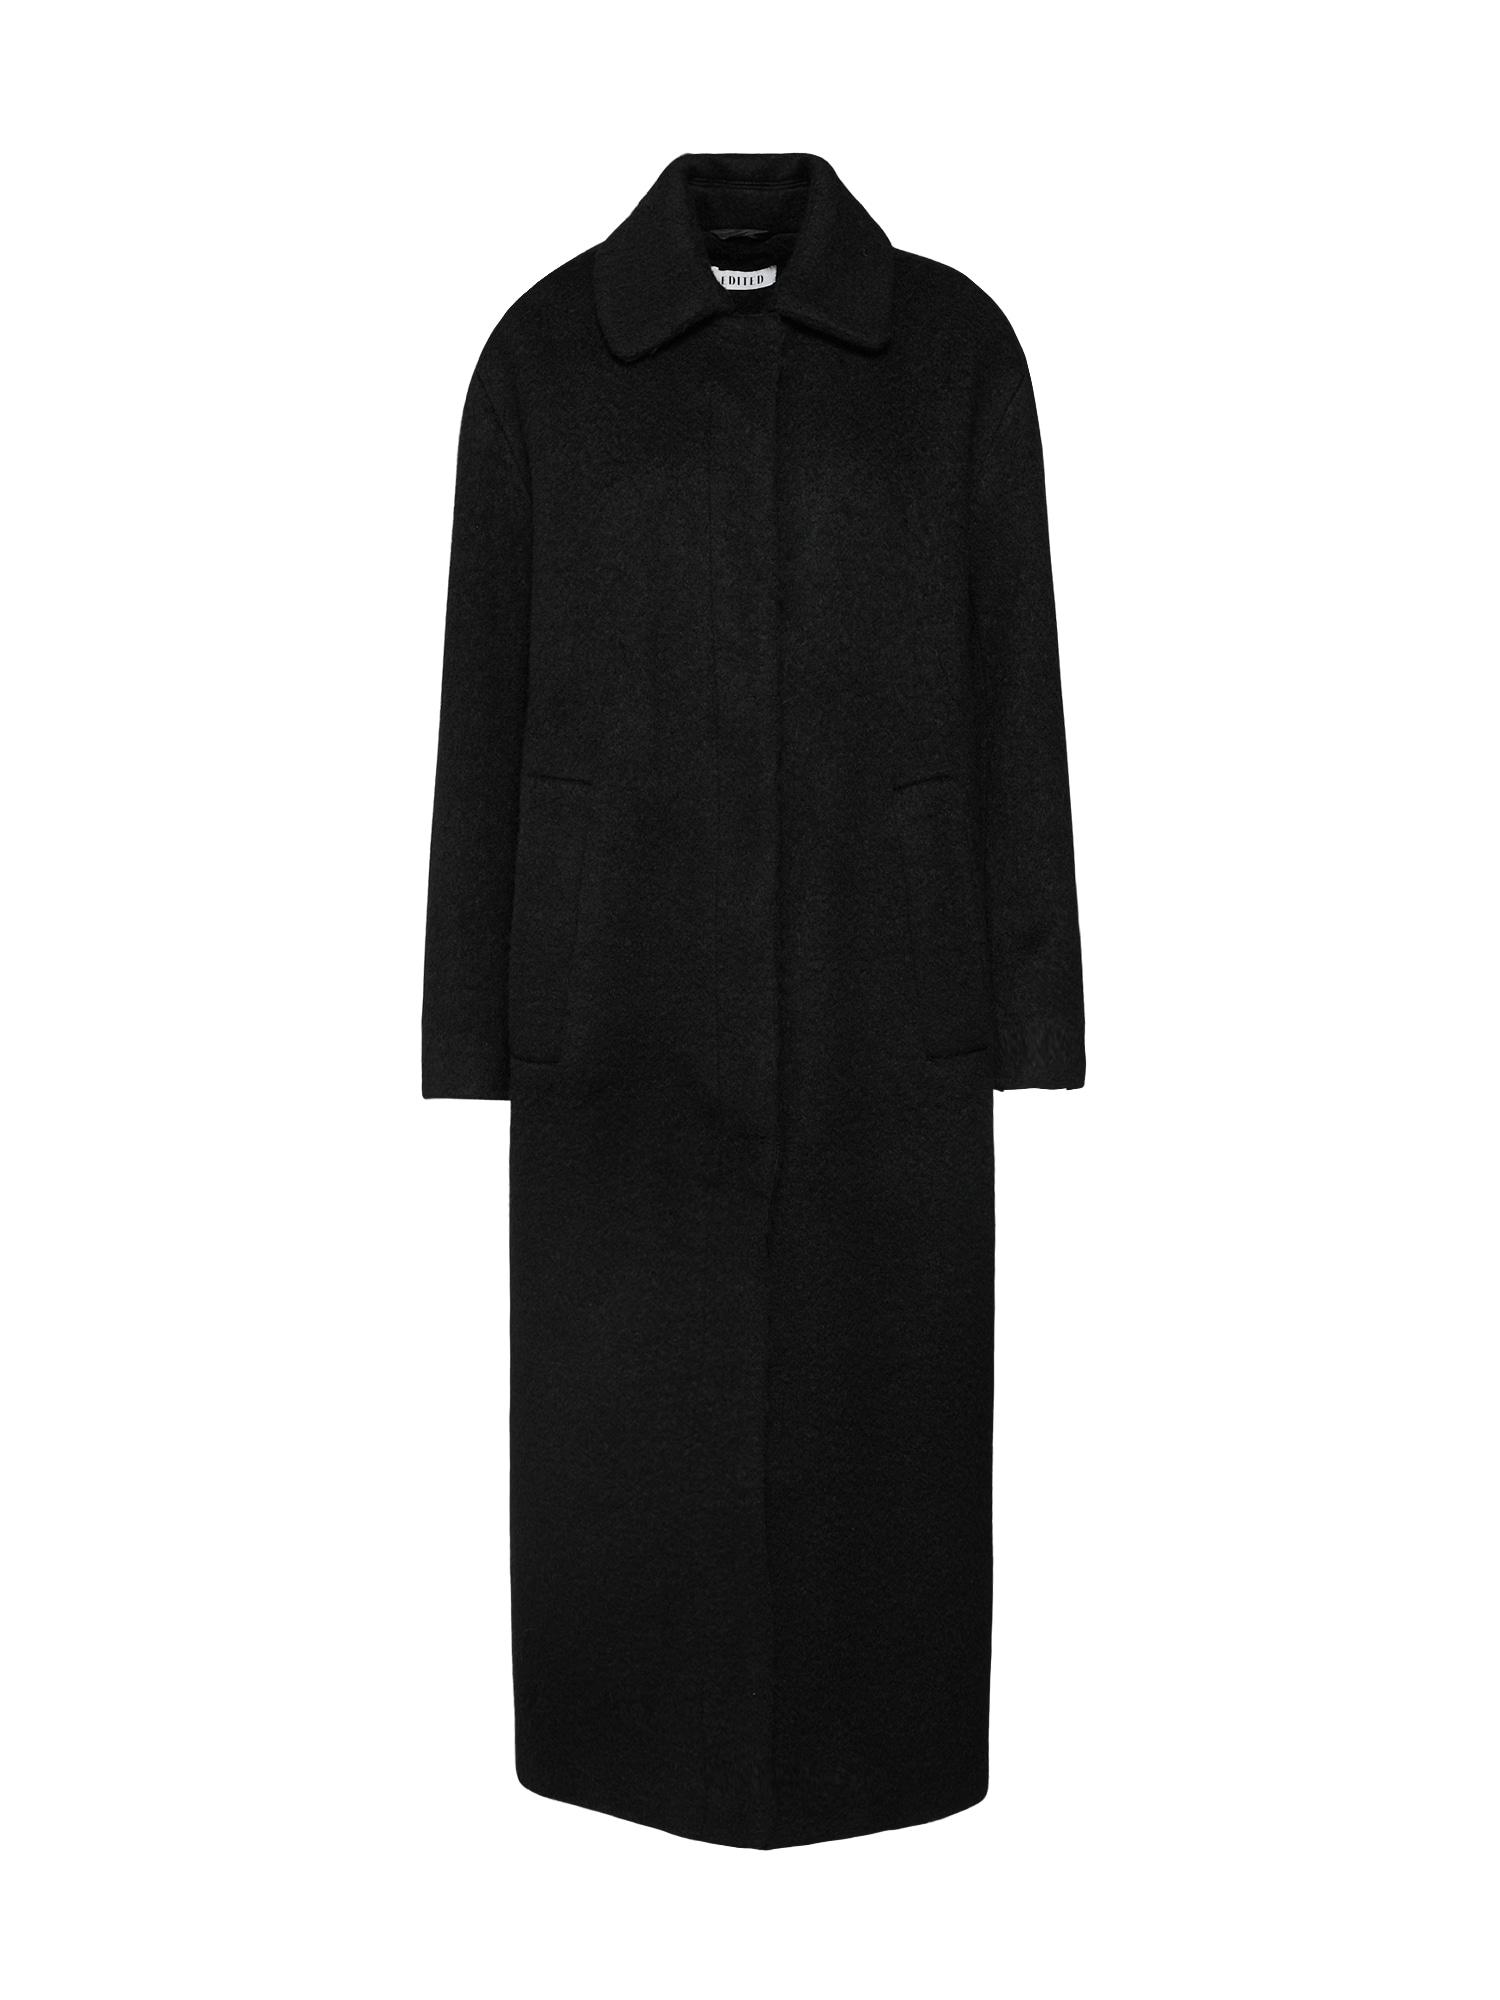 EDITED Žieminis paltas 'Dillon' juoda